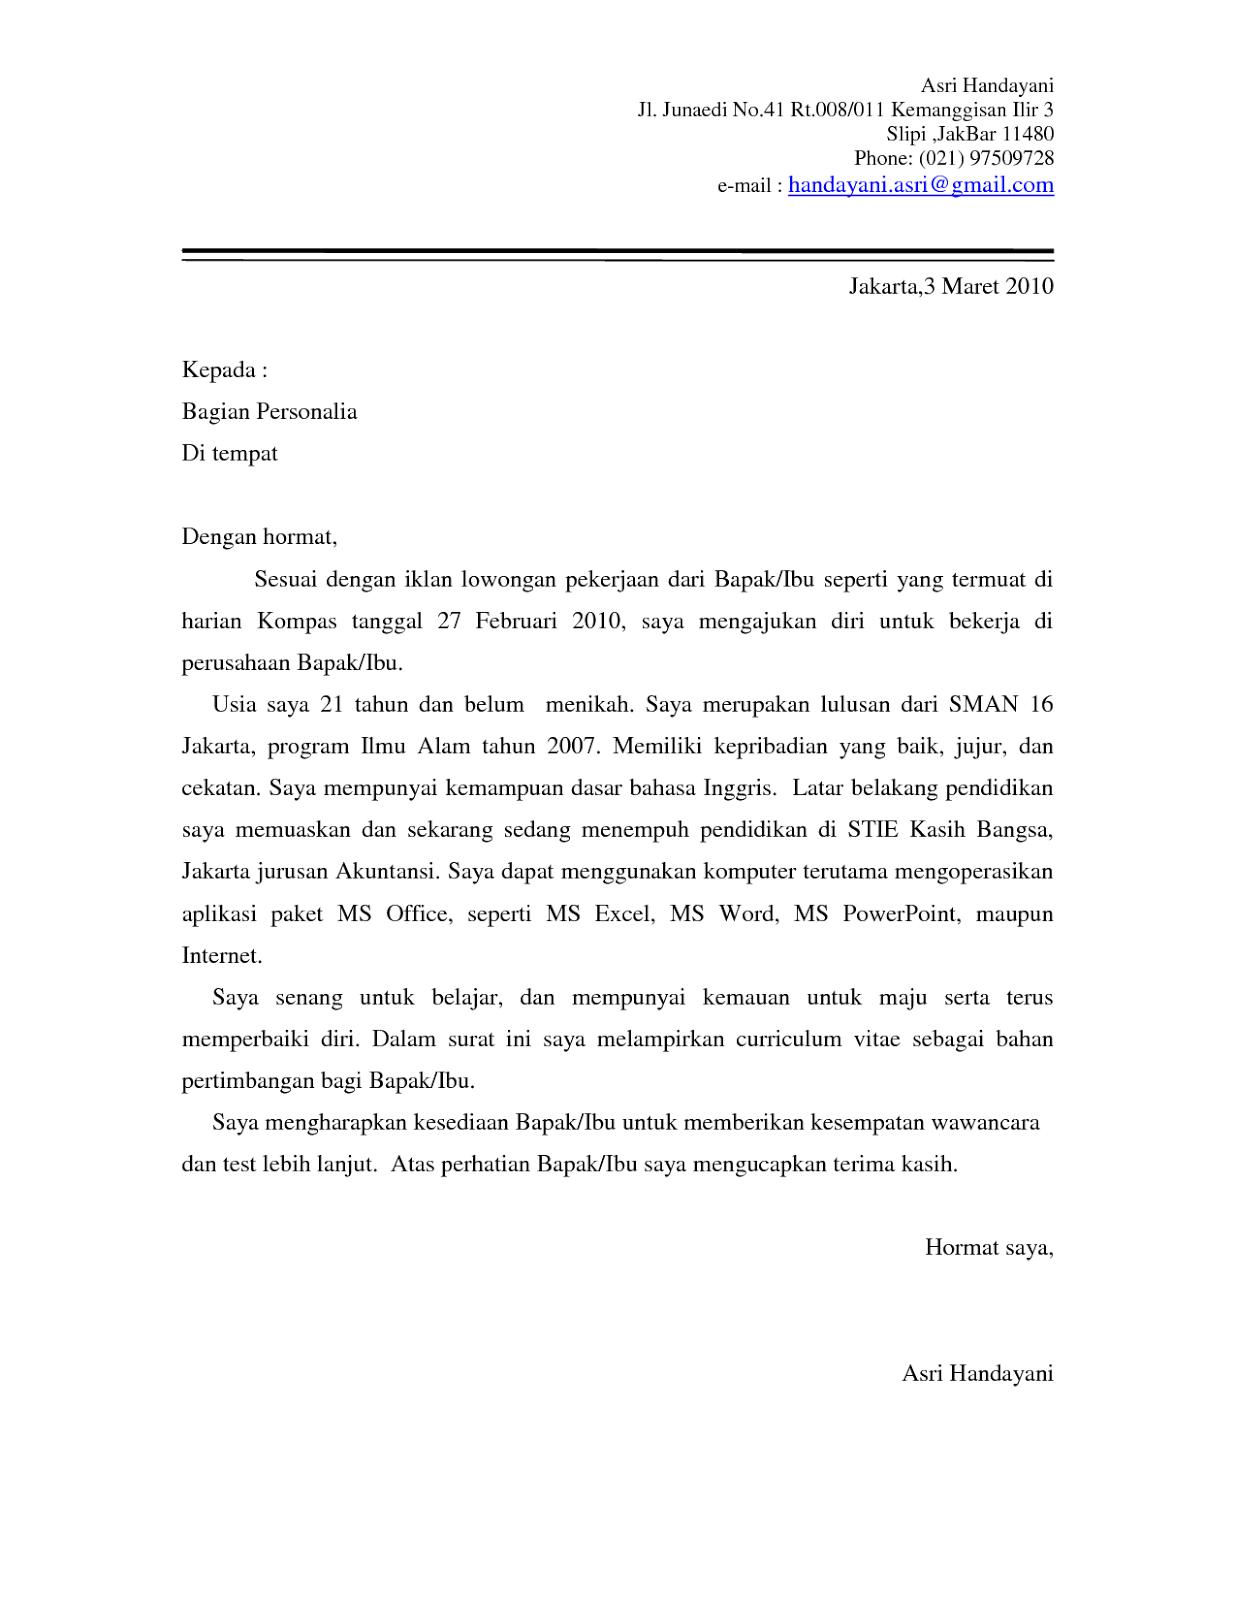 7 Surat Lamaran Kerja Administrasi Contoh Lamaran Kerja